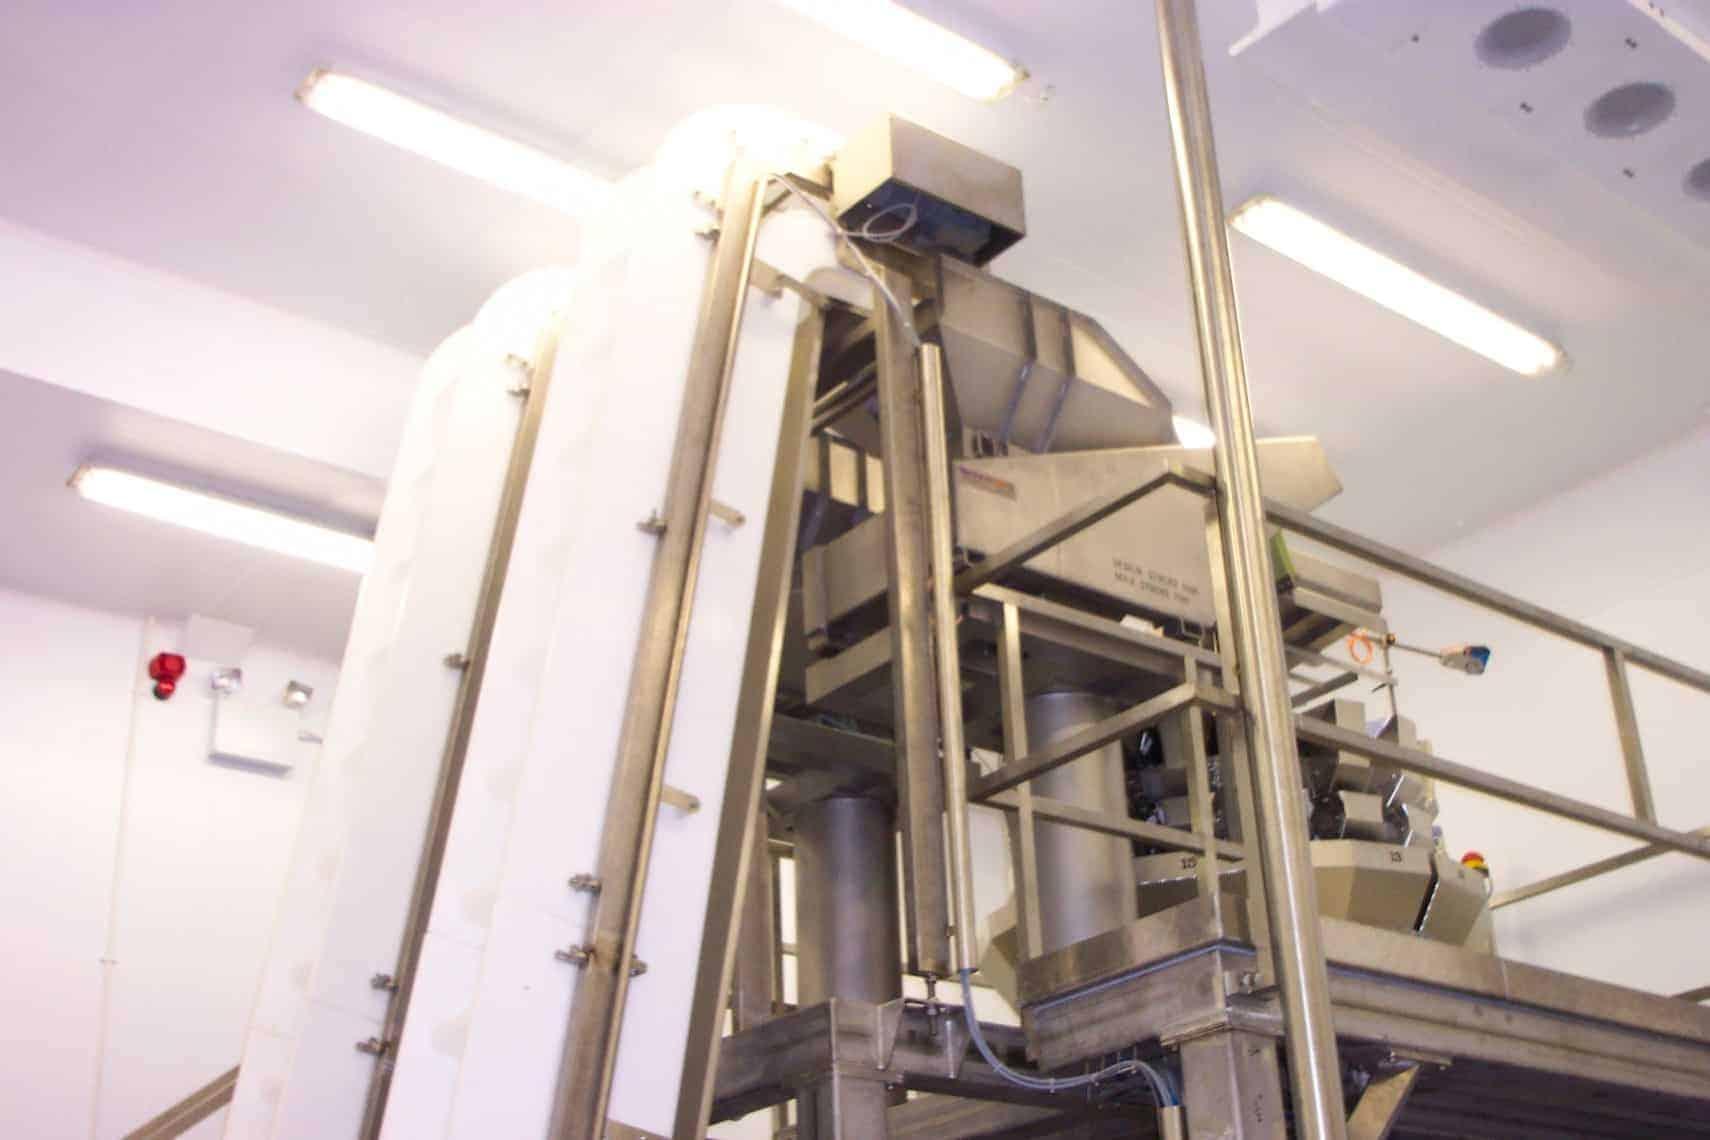 Bakery Conveyor Wrightfield Ltd